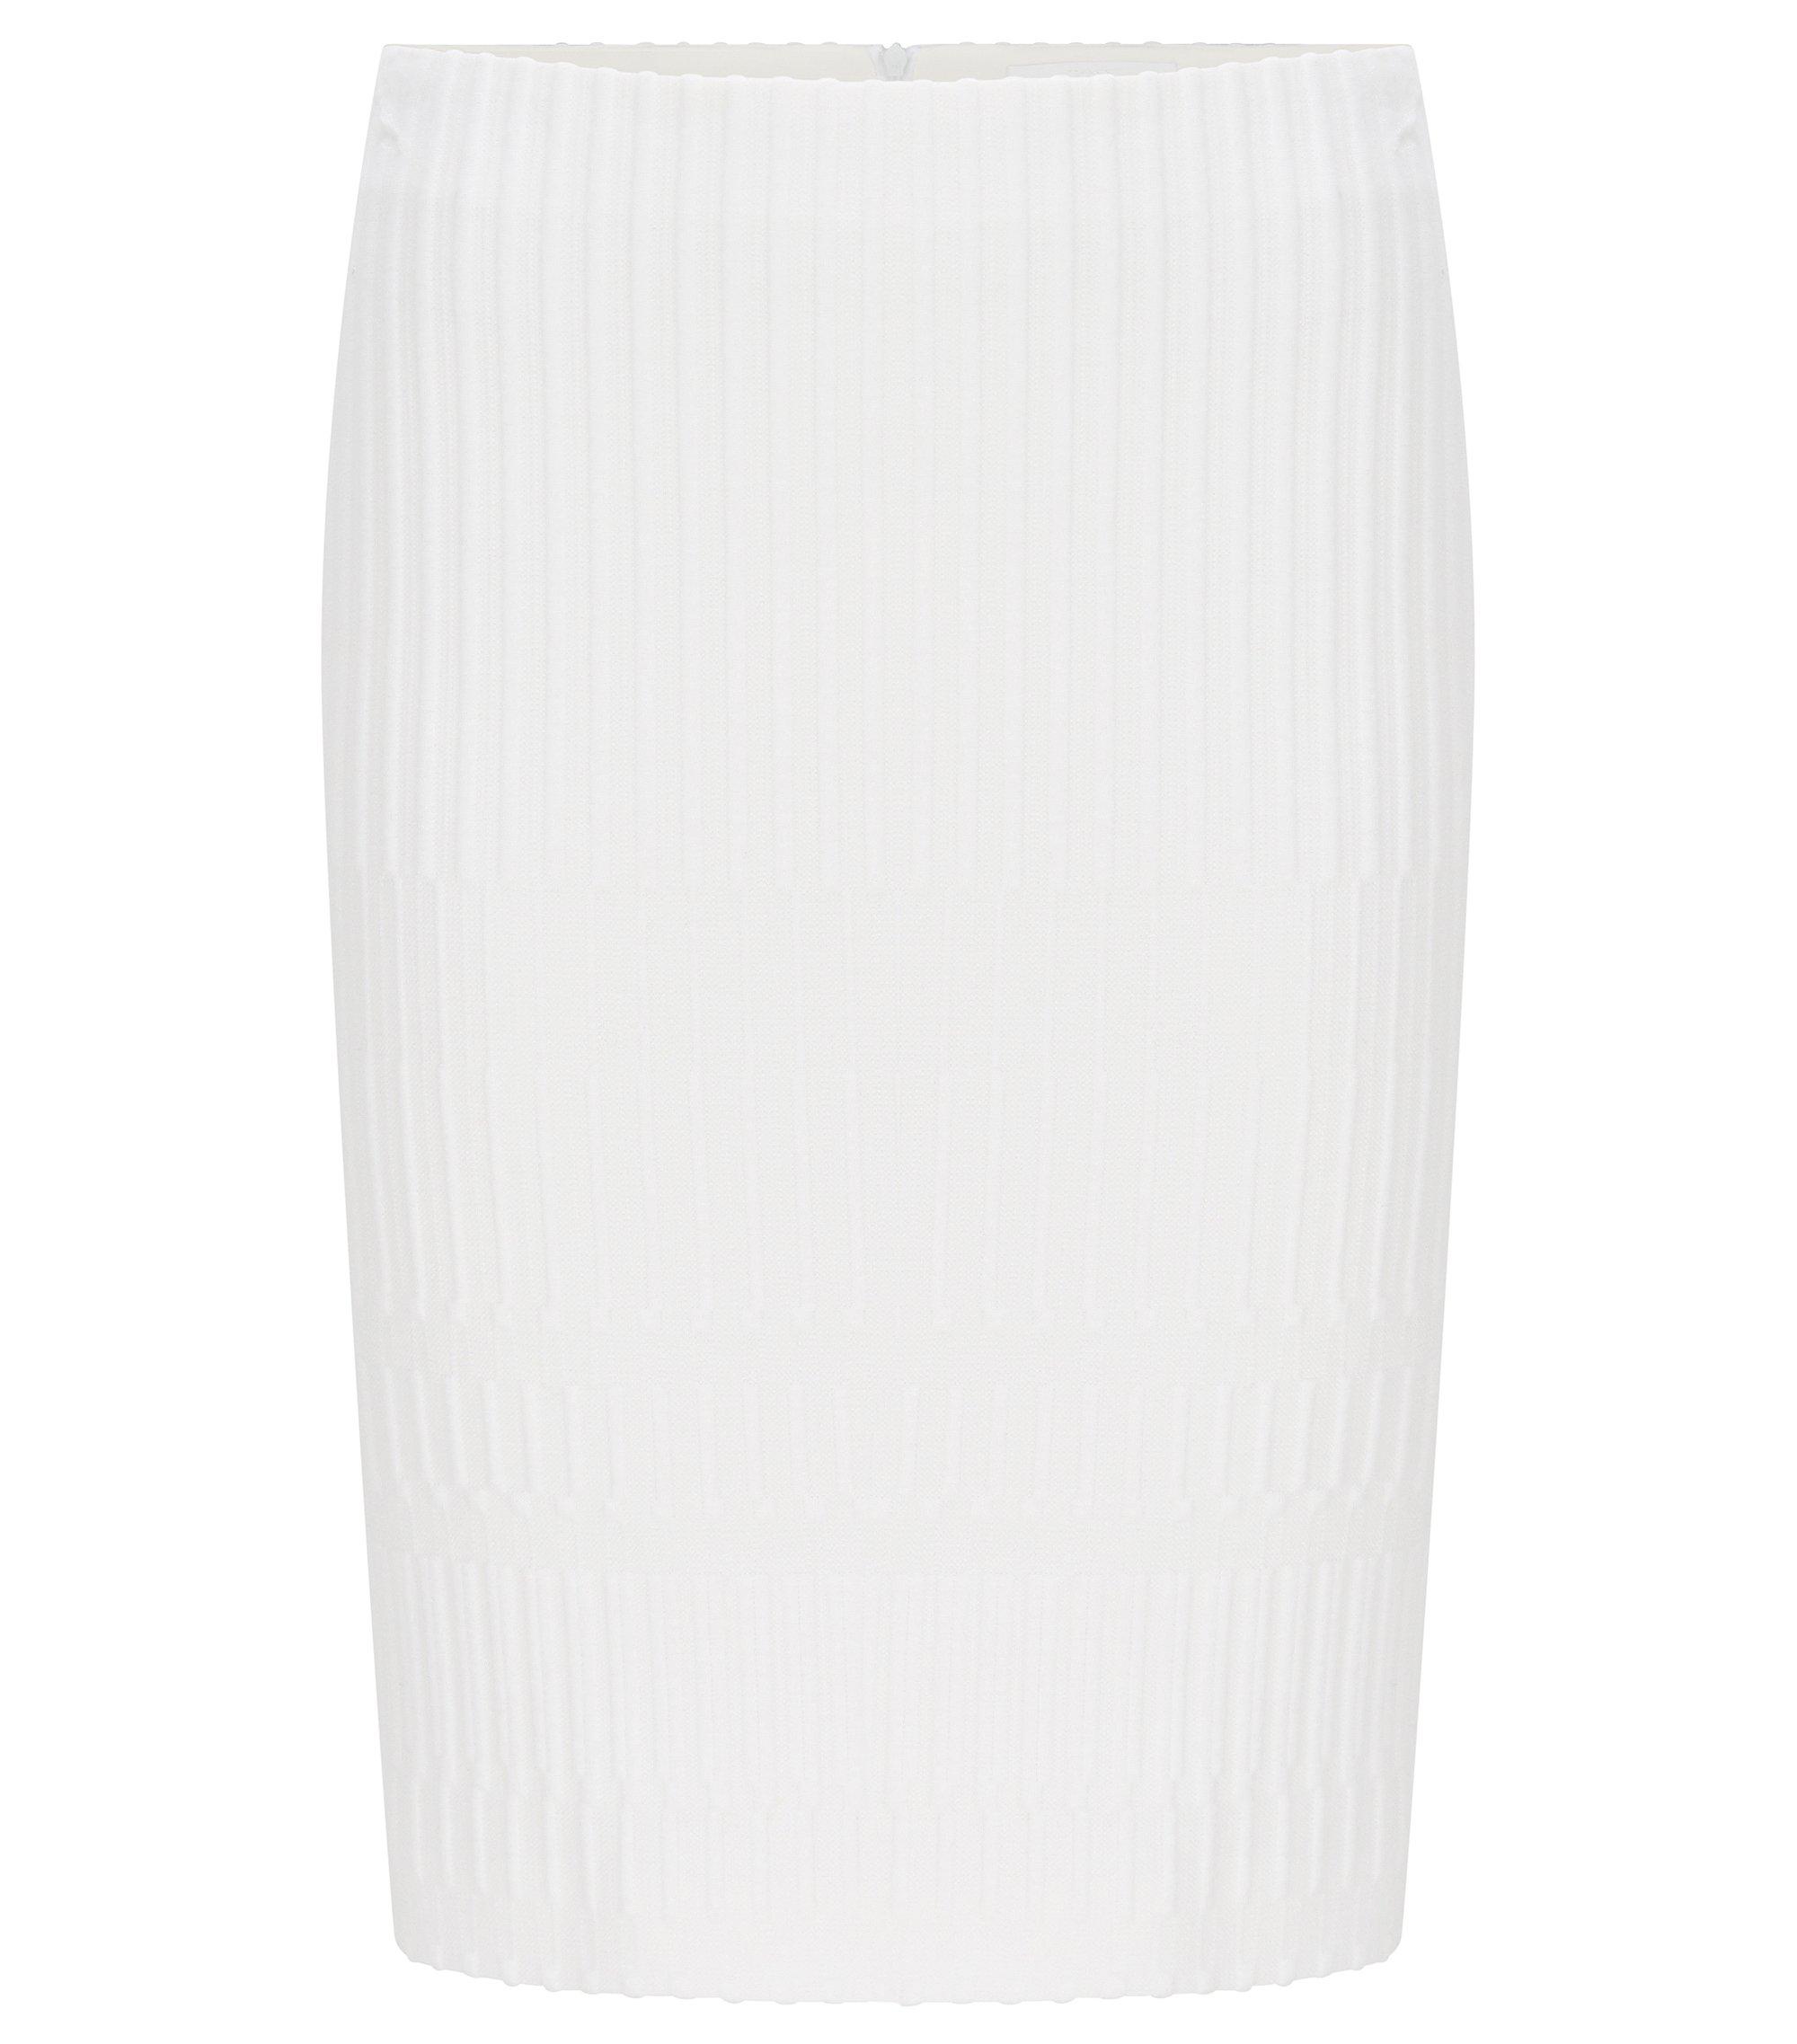 Textured Crepe Pencil Skirt | Madea, Natural